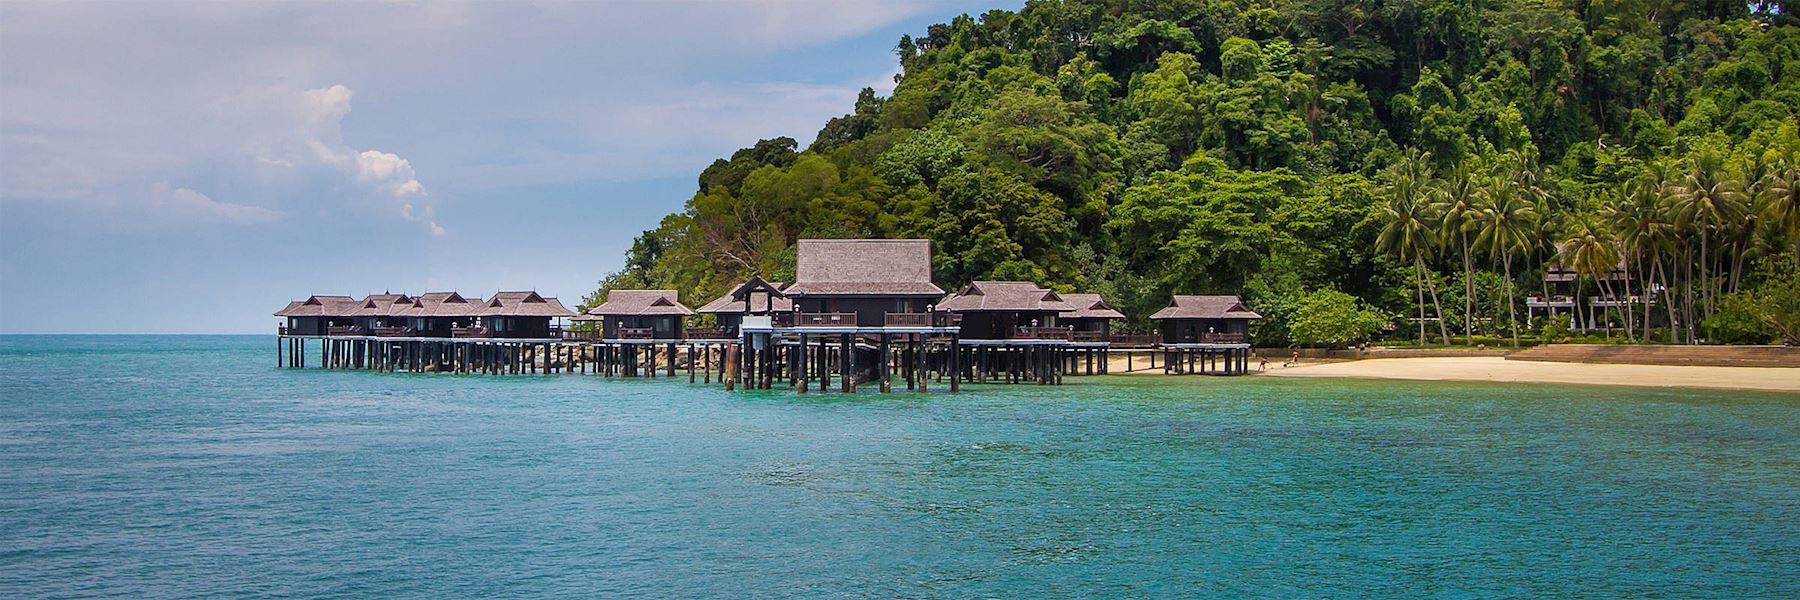 Visit Pangkor Islands, Malaysia